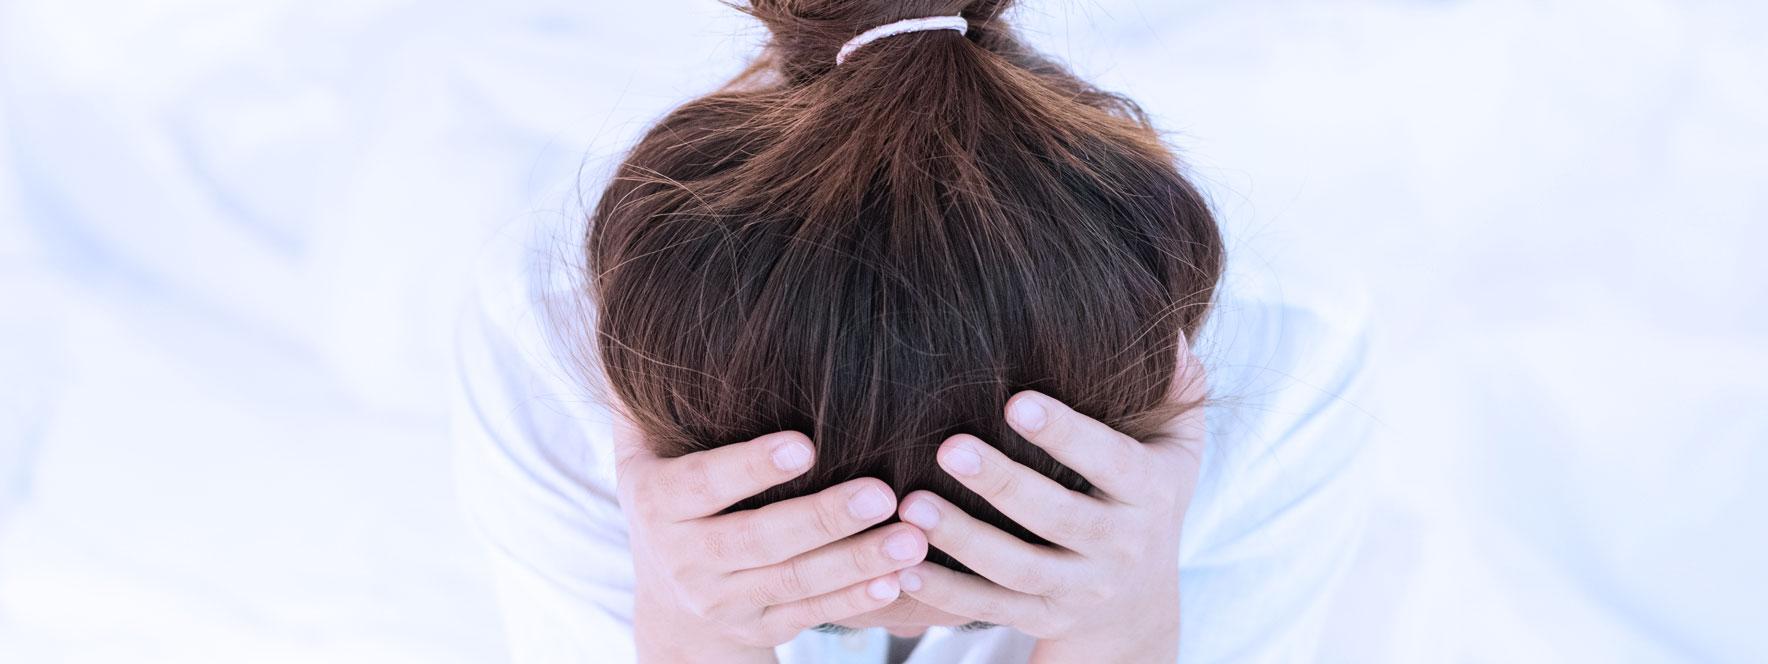 La fatigue musculaire neurologique - Blogue du Réseau